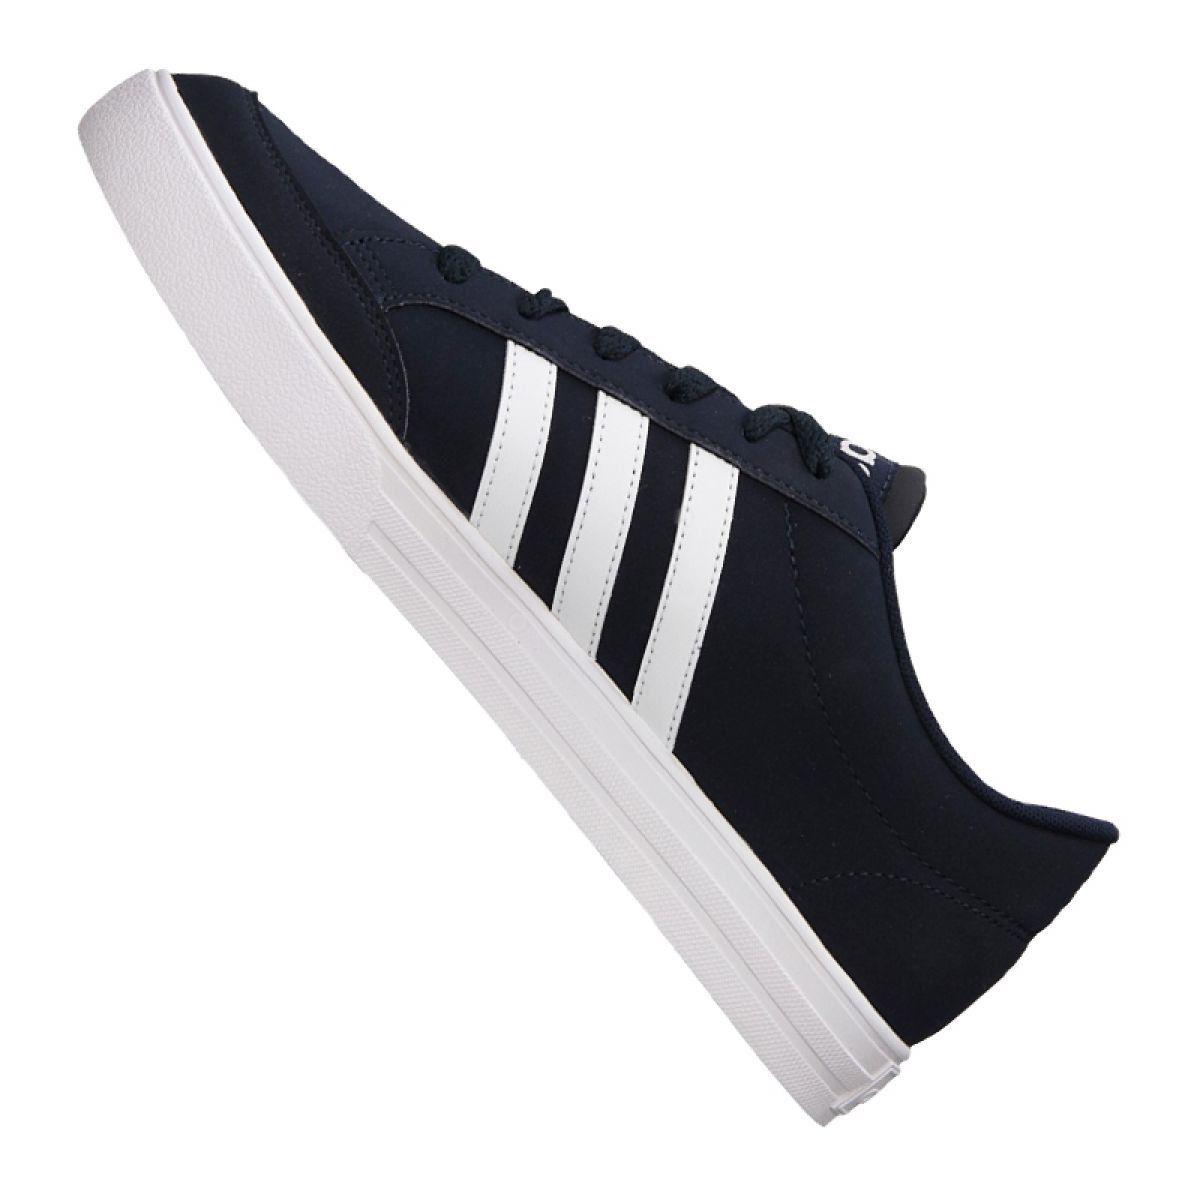 Buty Adidas Vs Set M Bb9673 Granatowe Sports Shoes Adidas Shoes Adidas